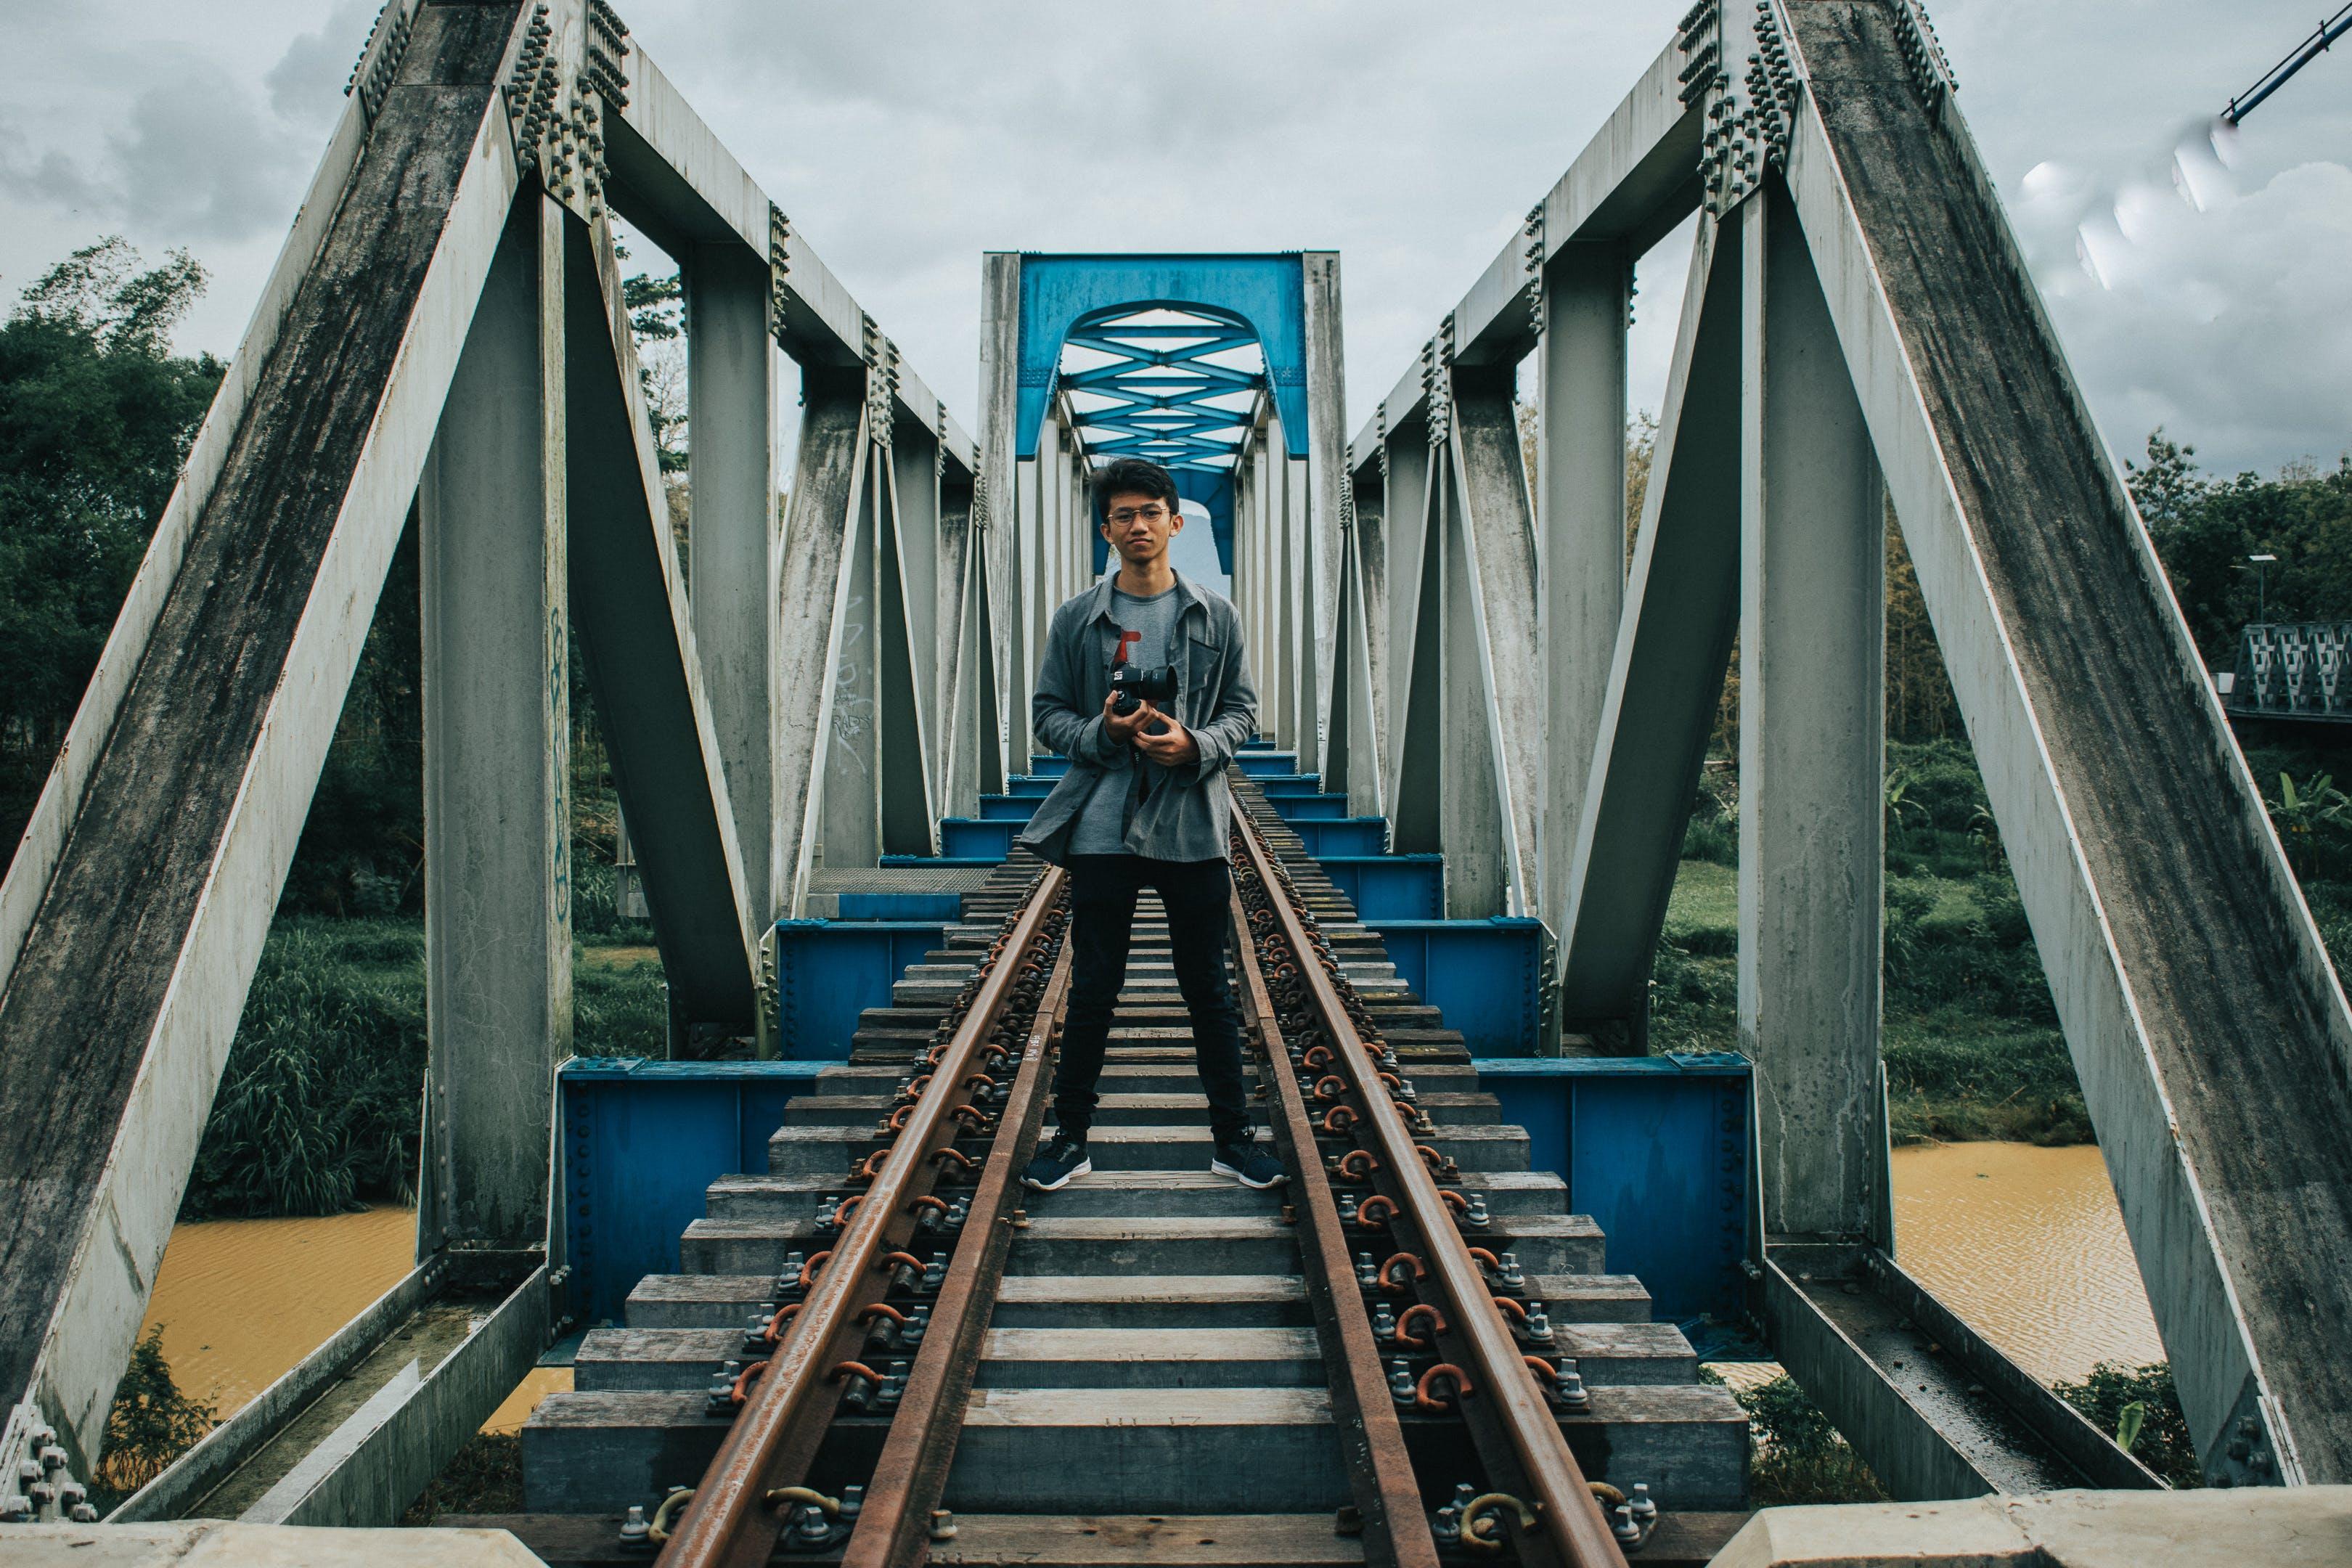 Kostenloses Stock Foto zu architektur, asiatischer mann, bahngleis, bahnstrecke